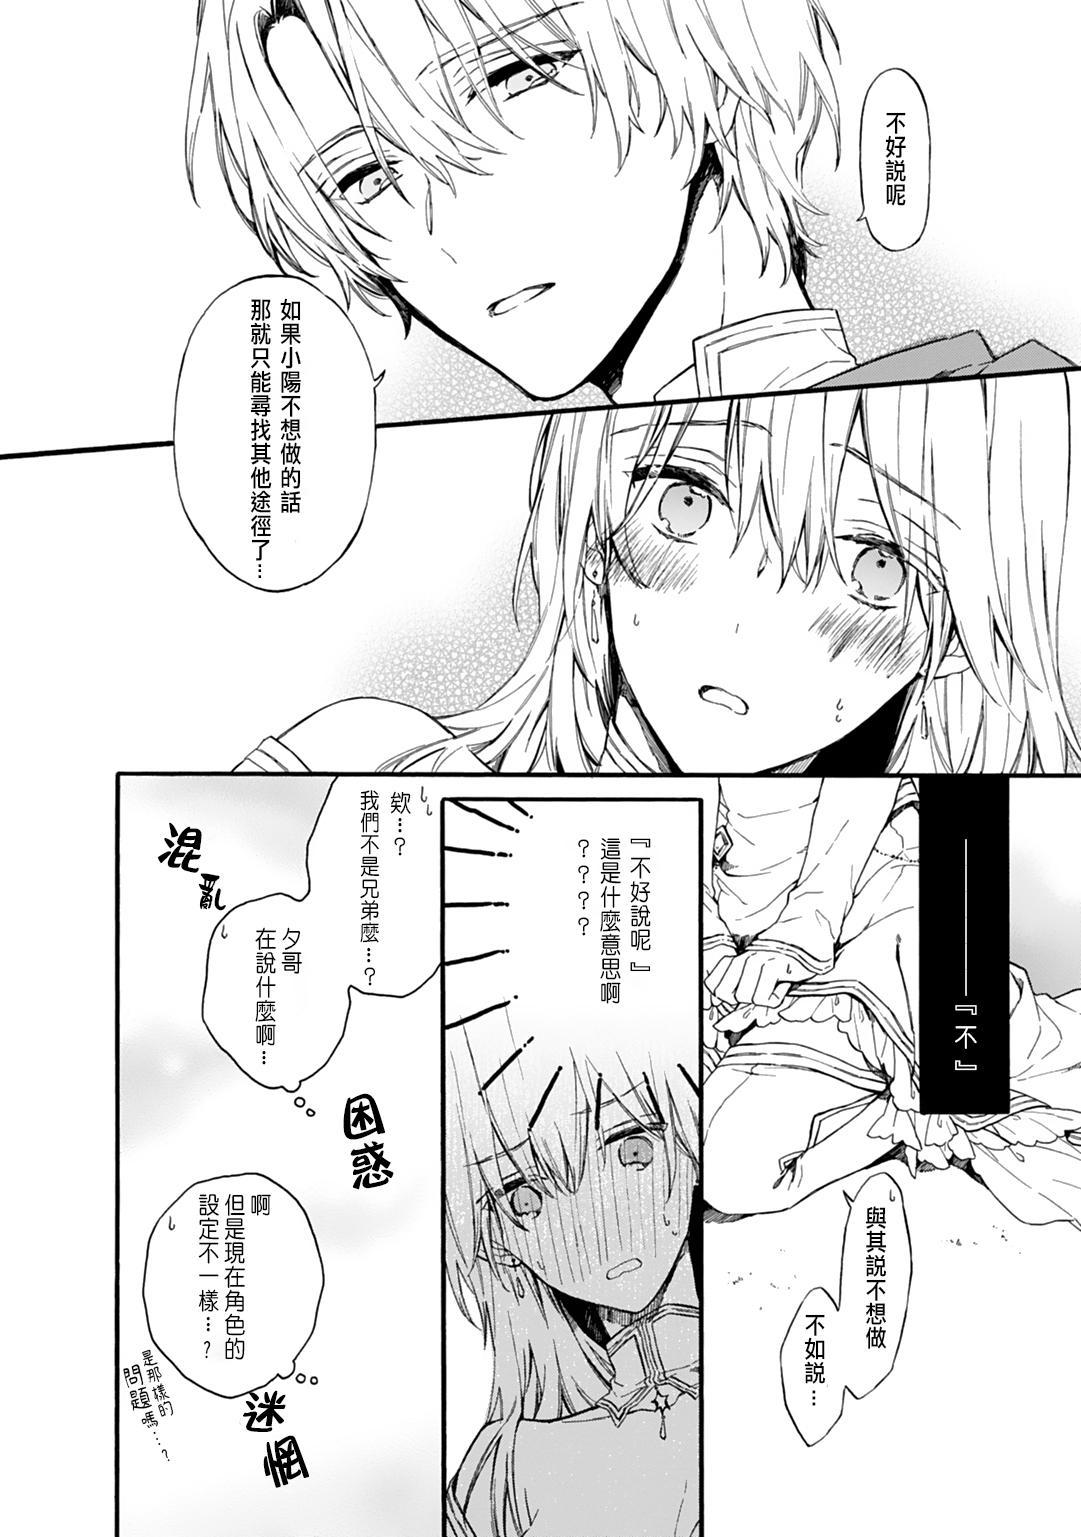 [Suzushiro Nerita] Otomege (18-kin) de Nyotaika shita Ore wa ~Clear Jouken wa Dekiai Ecchi!?~ 1-3 [Chinese] 15